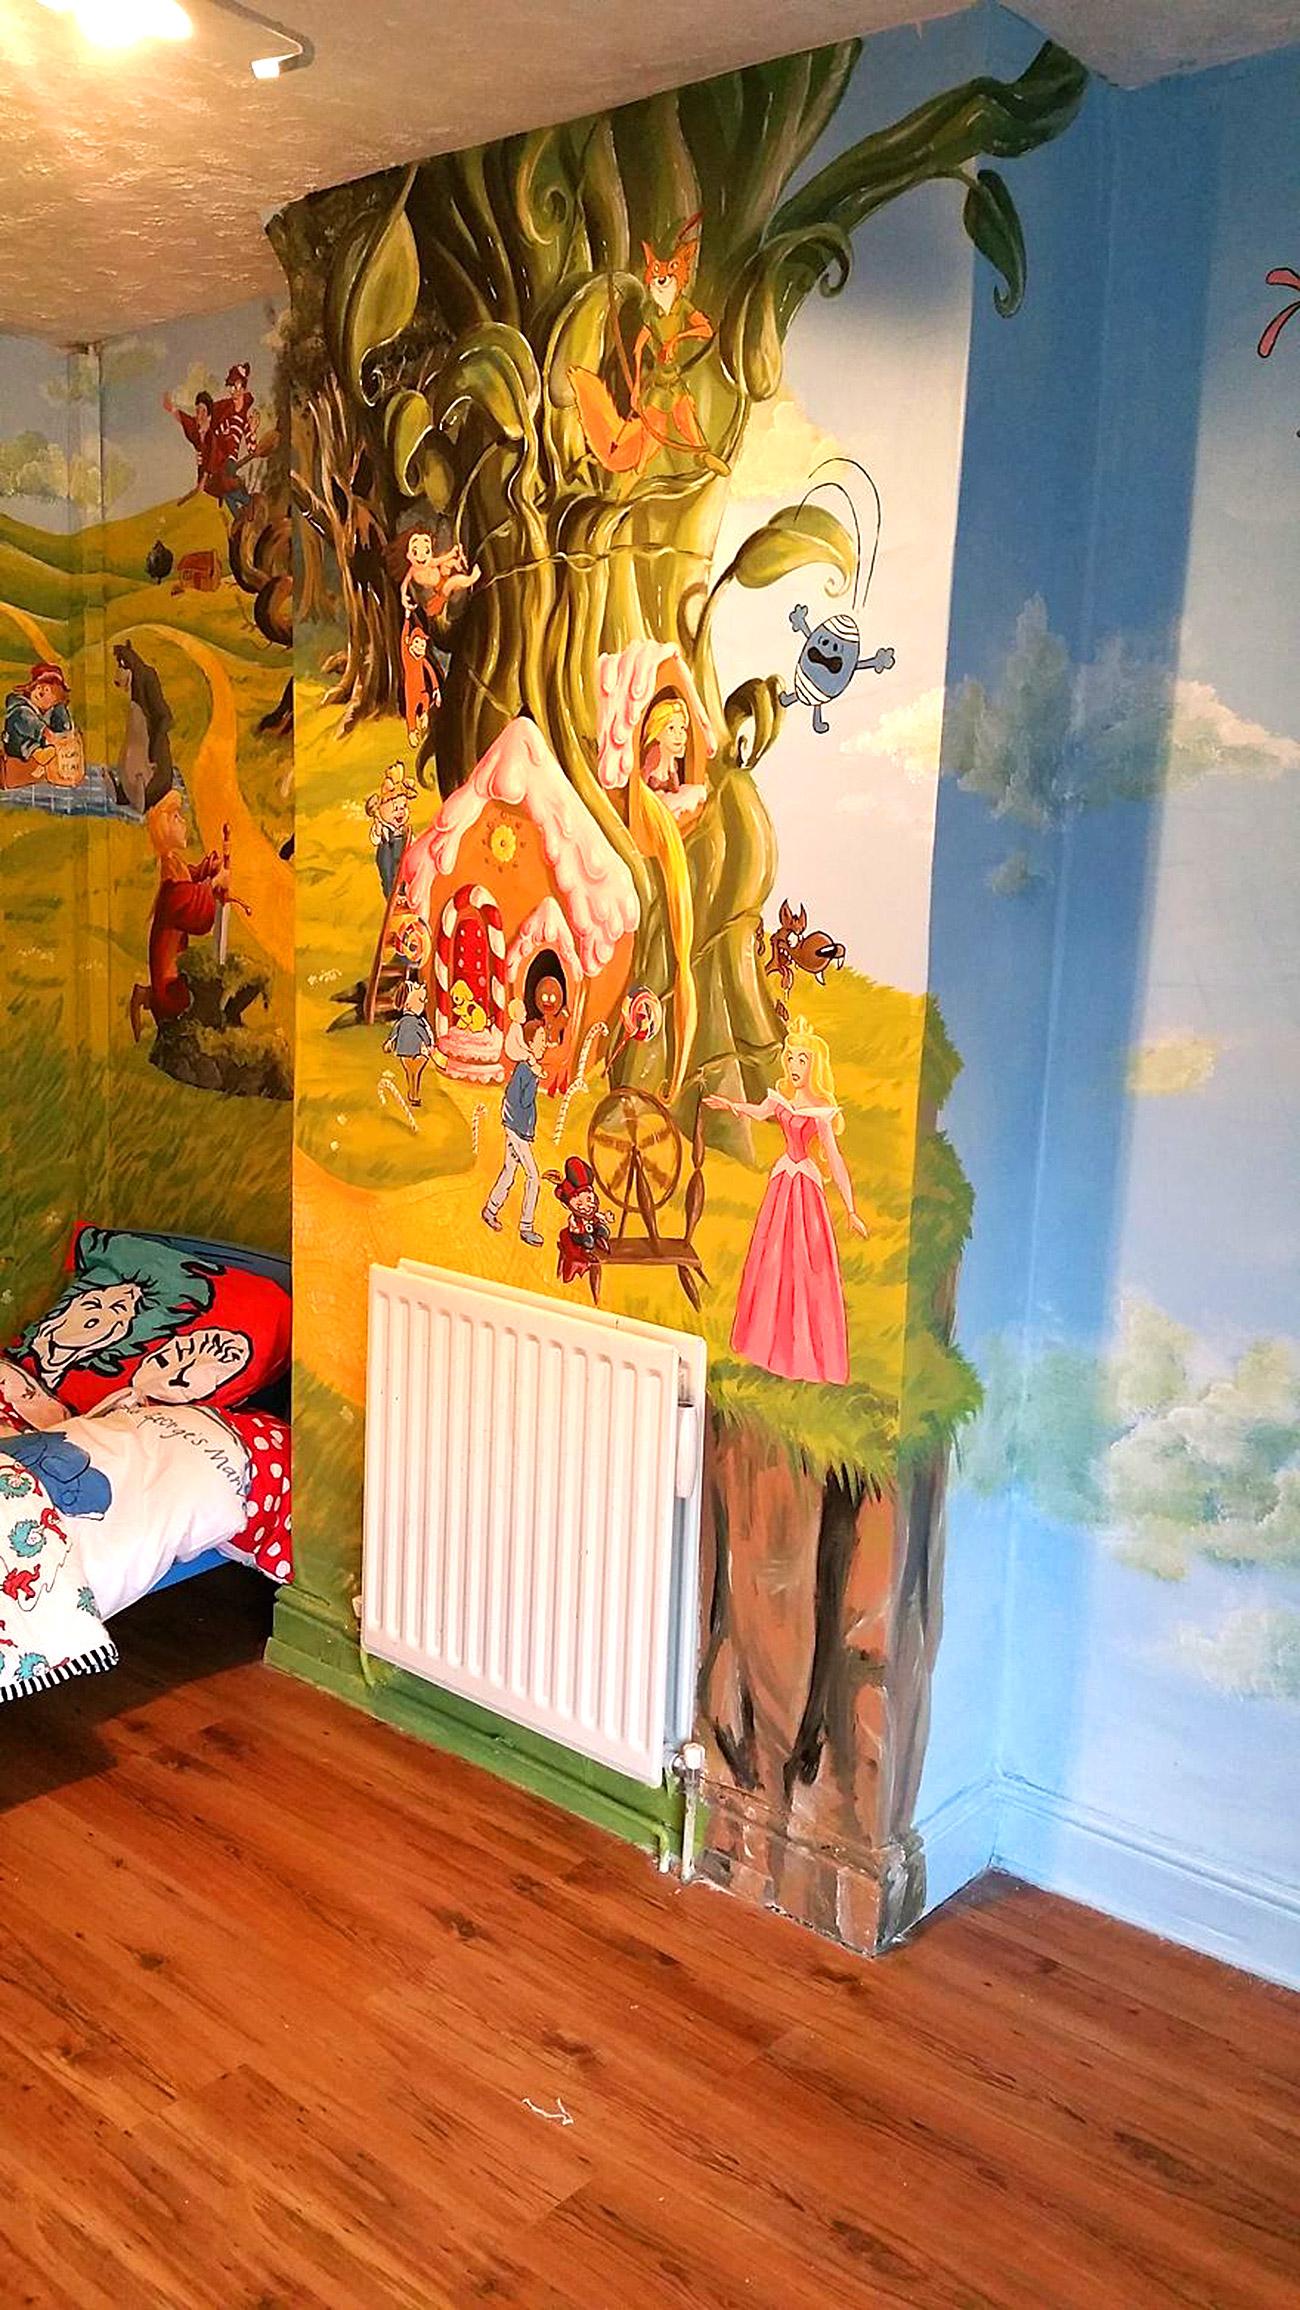 საბავშვო ოთახის ზღაპრული დიზაინი 8